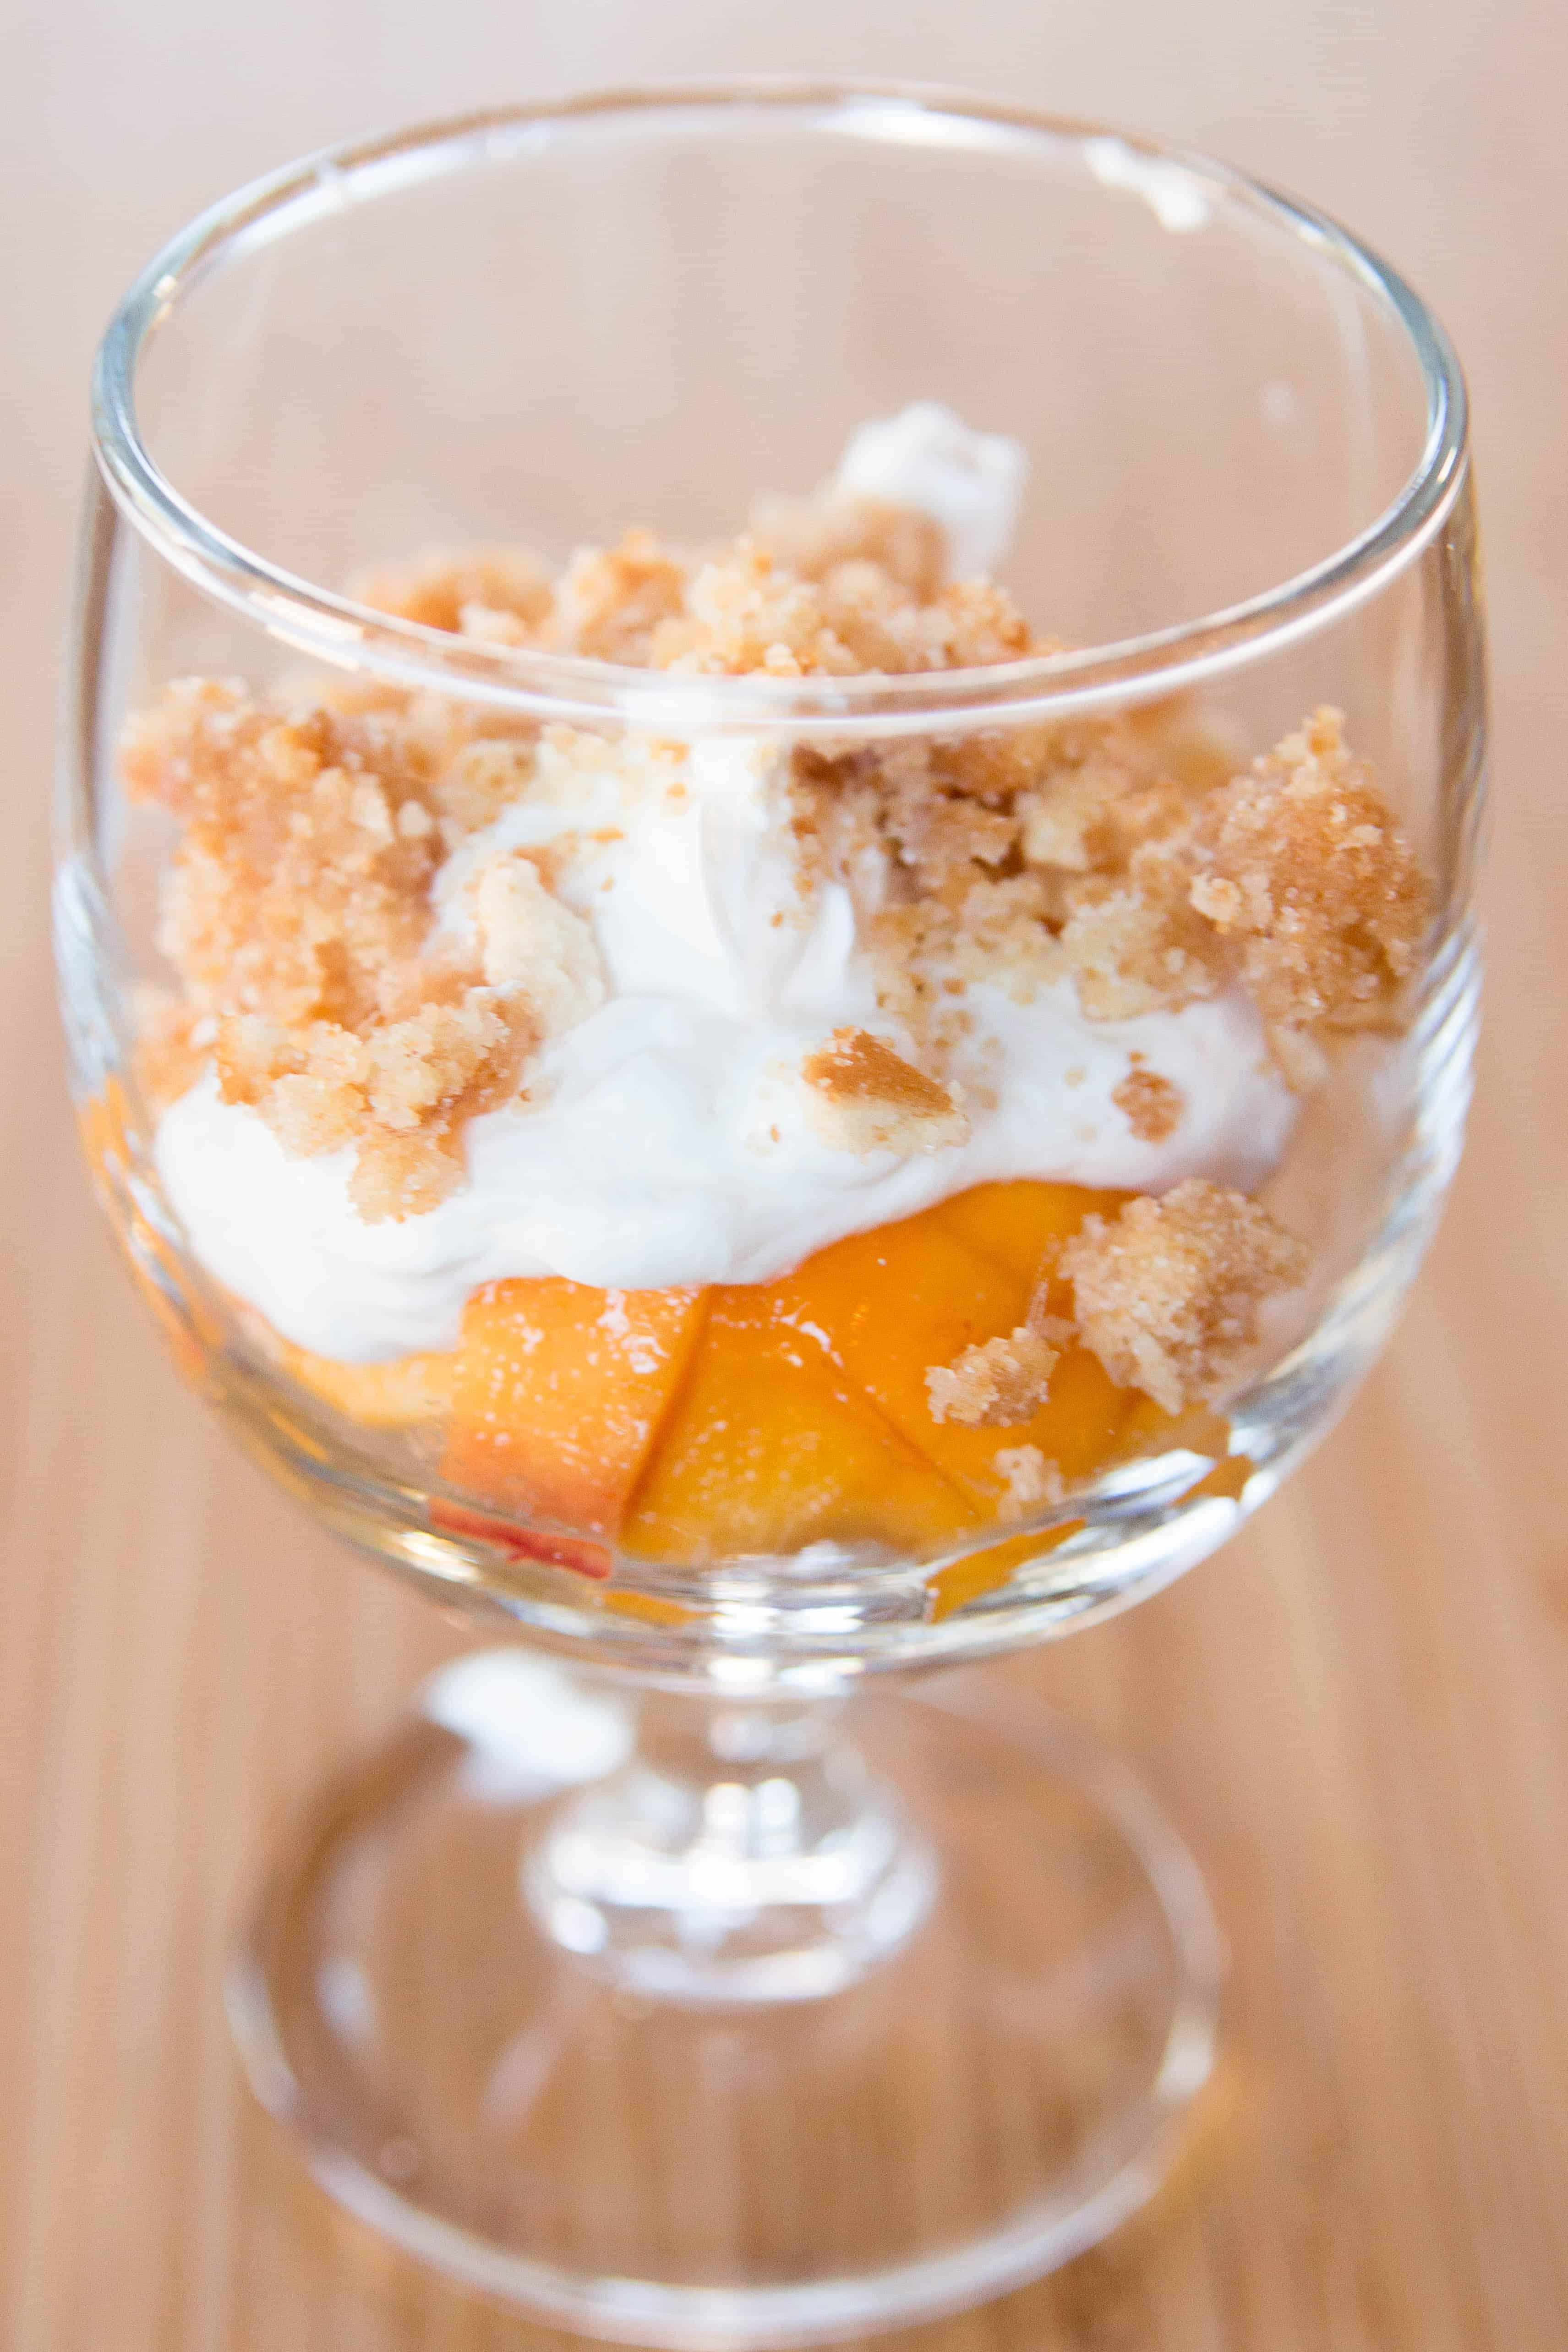 ff-peaches-and-cream-8171